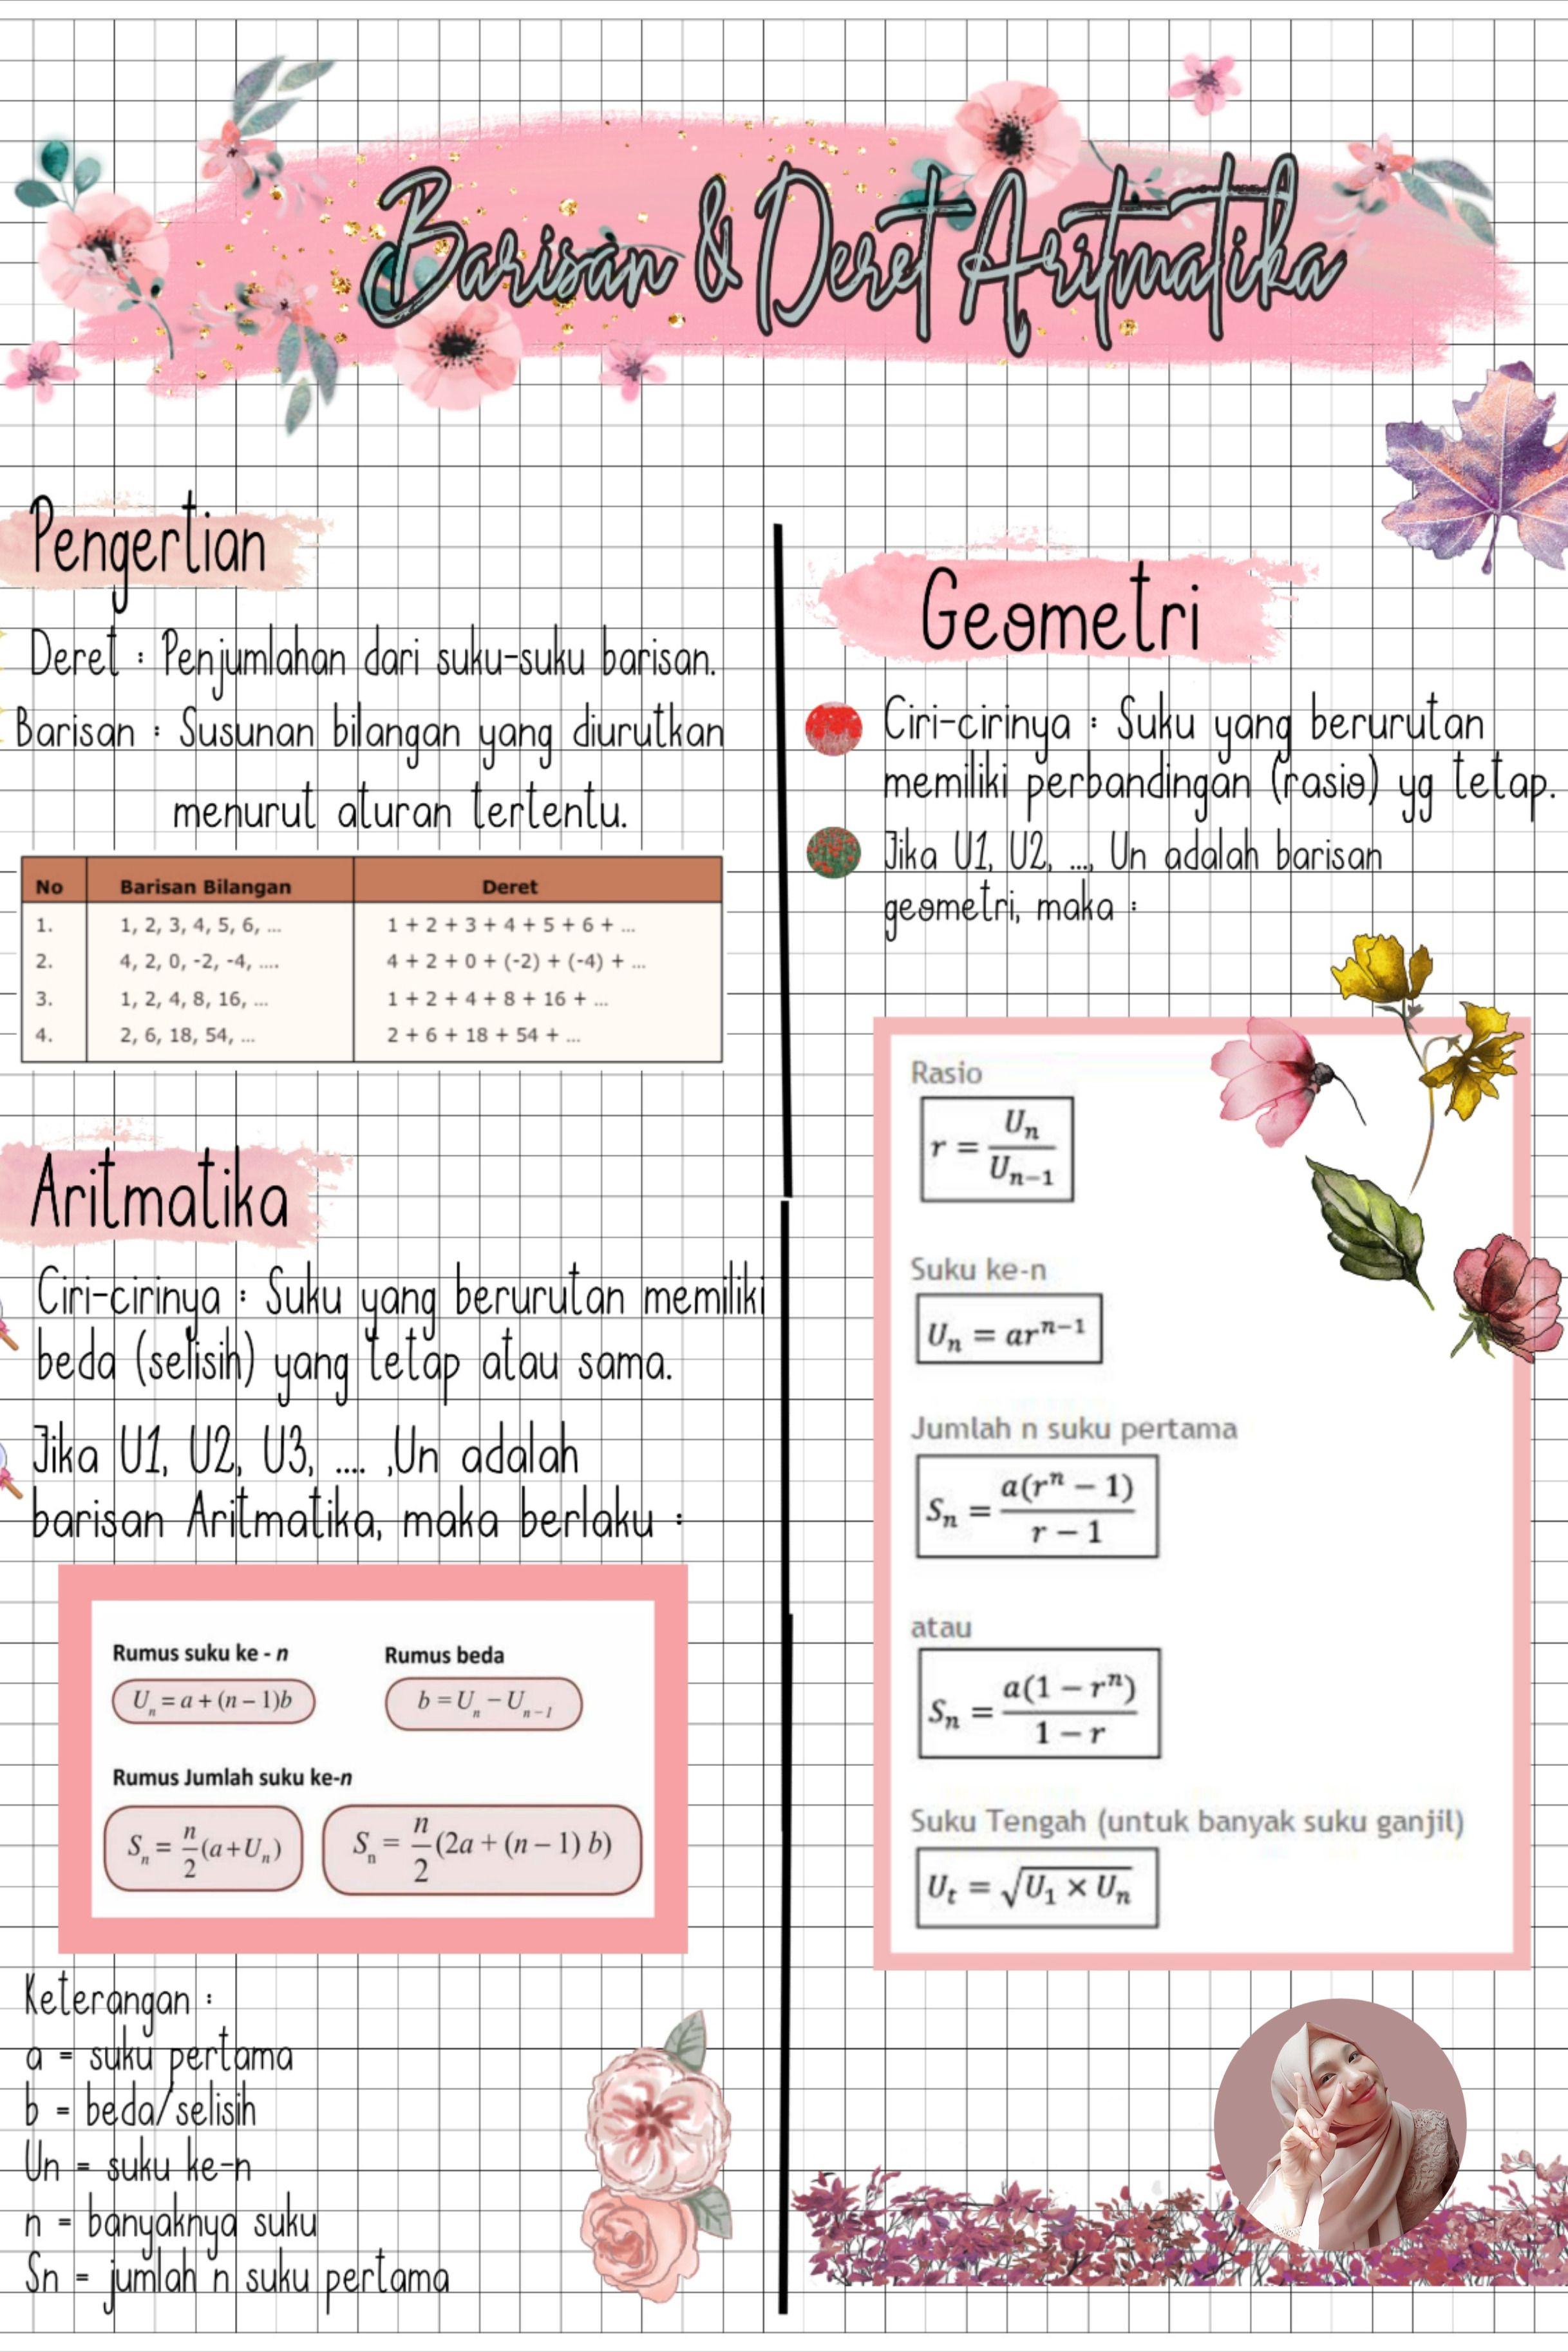 Catatan Matematika Aesthetic Math Notes Matematika Kelas 8 Pelajaran Matematika Belajar